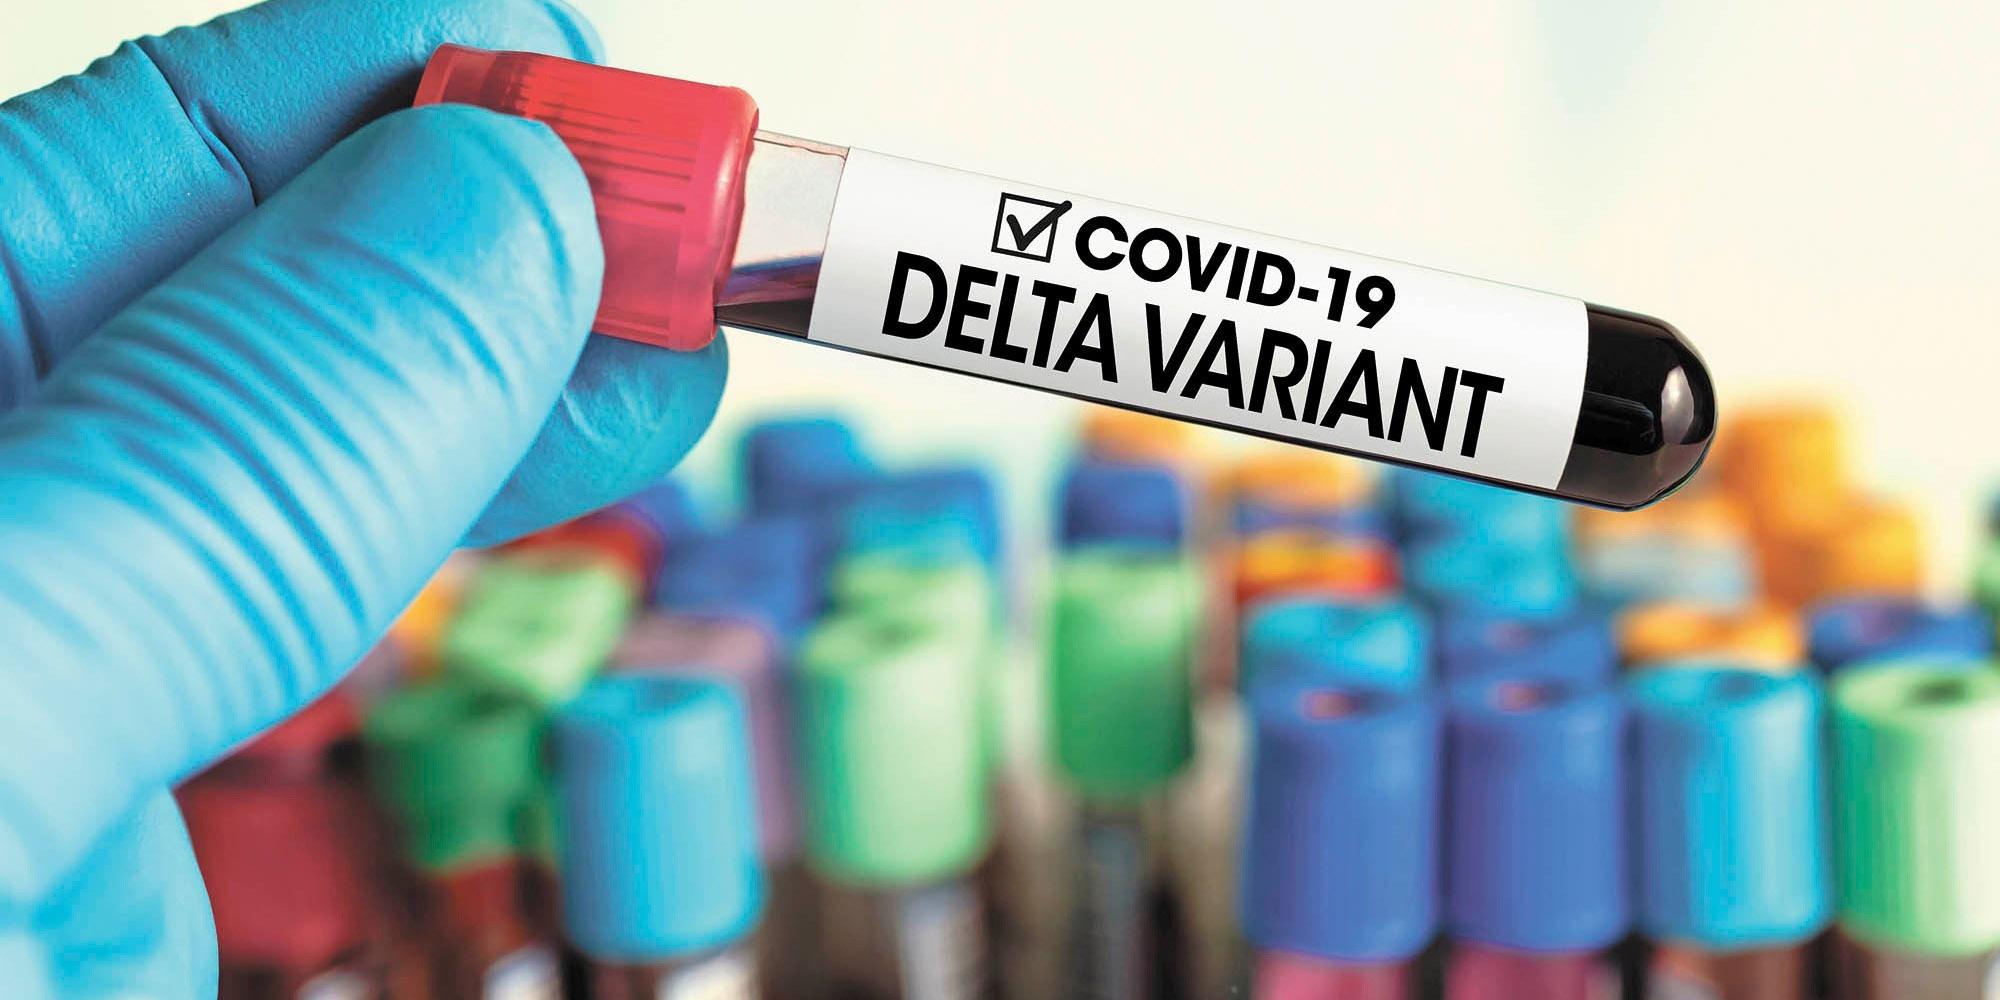 Variante delta covid obliga a redoblar las restricciones sanitarias en todo el mundo | El Imparcial de Oaxaca